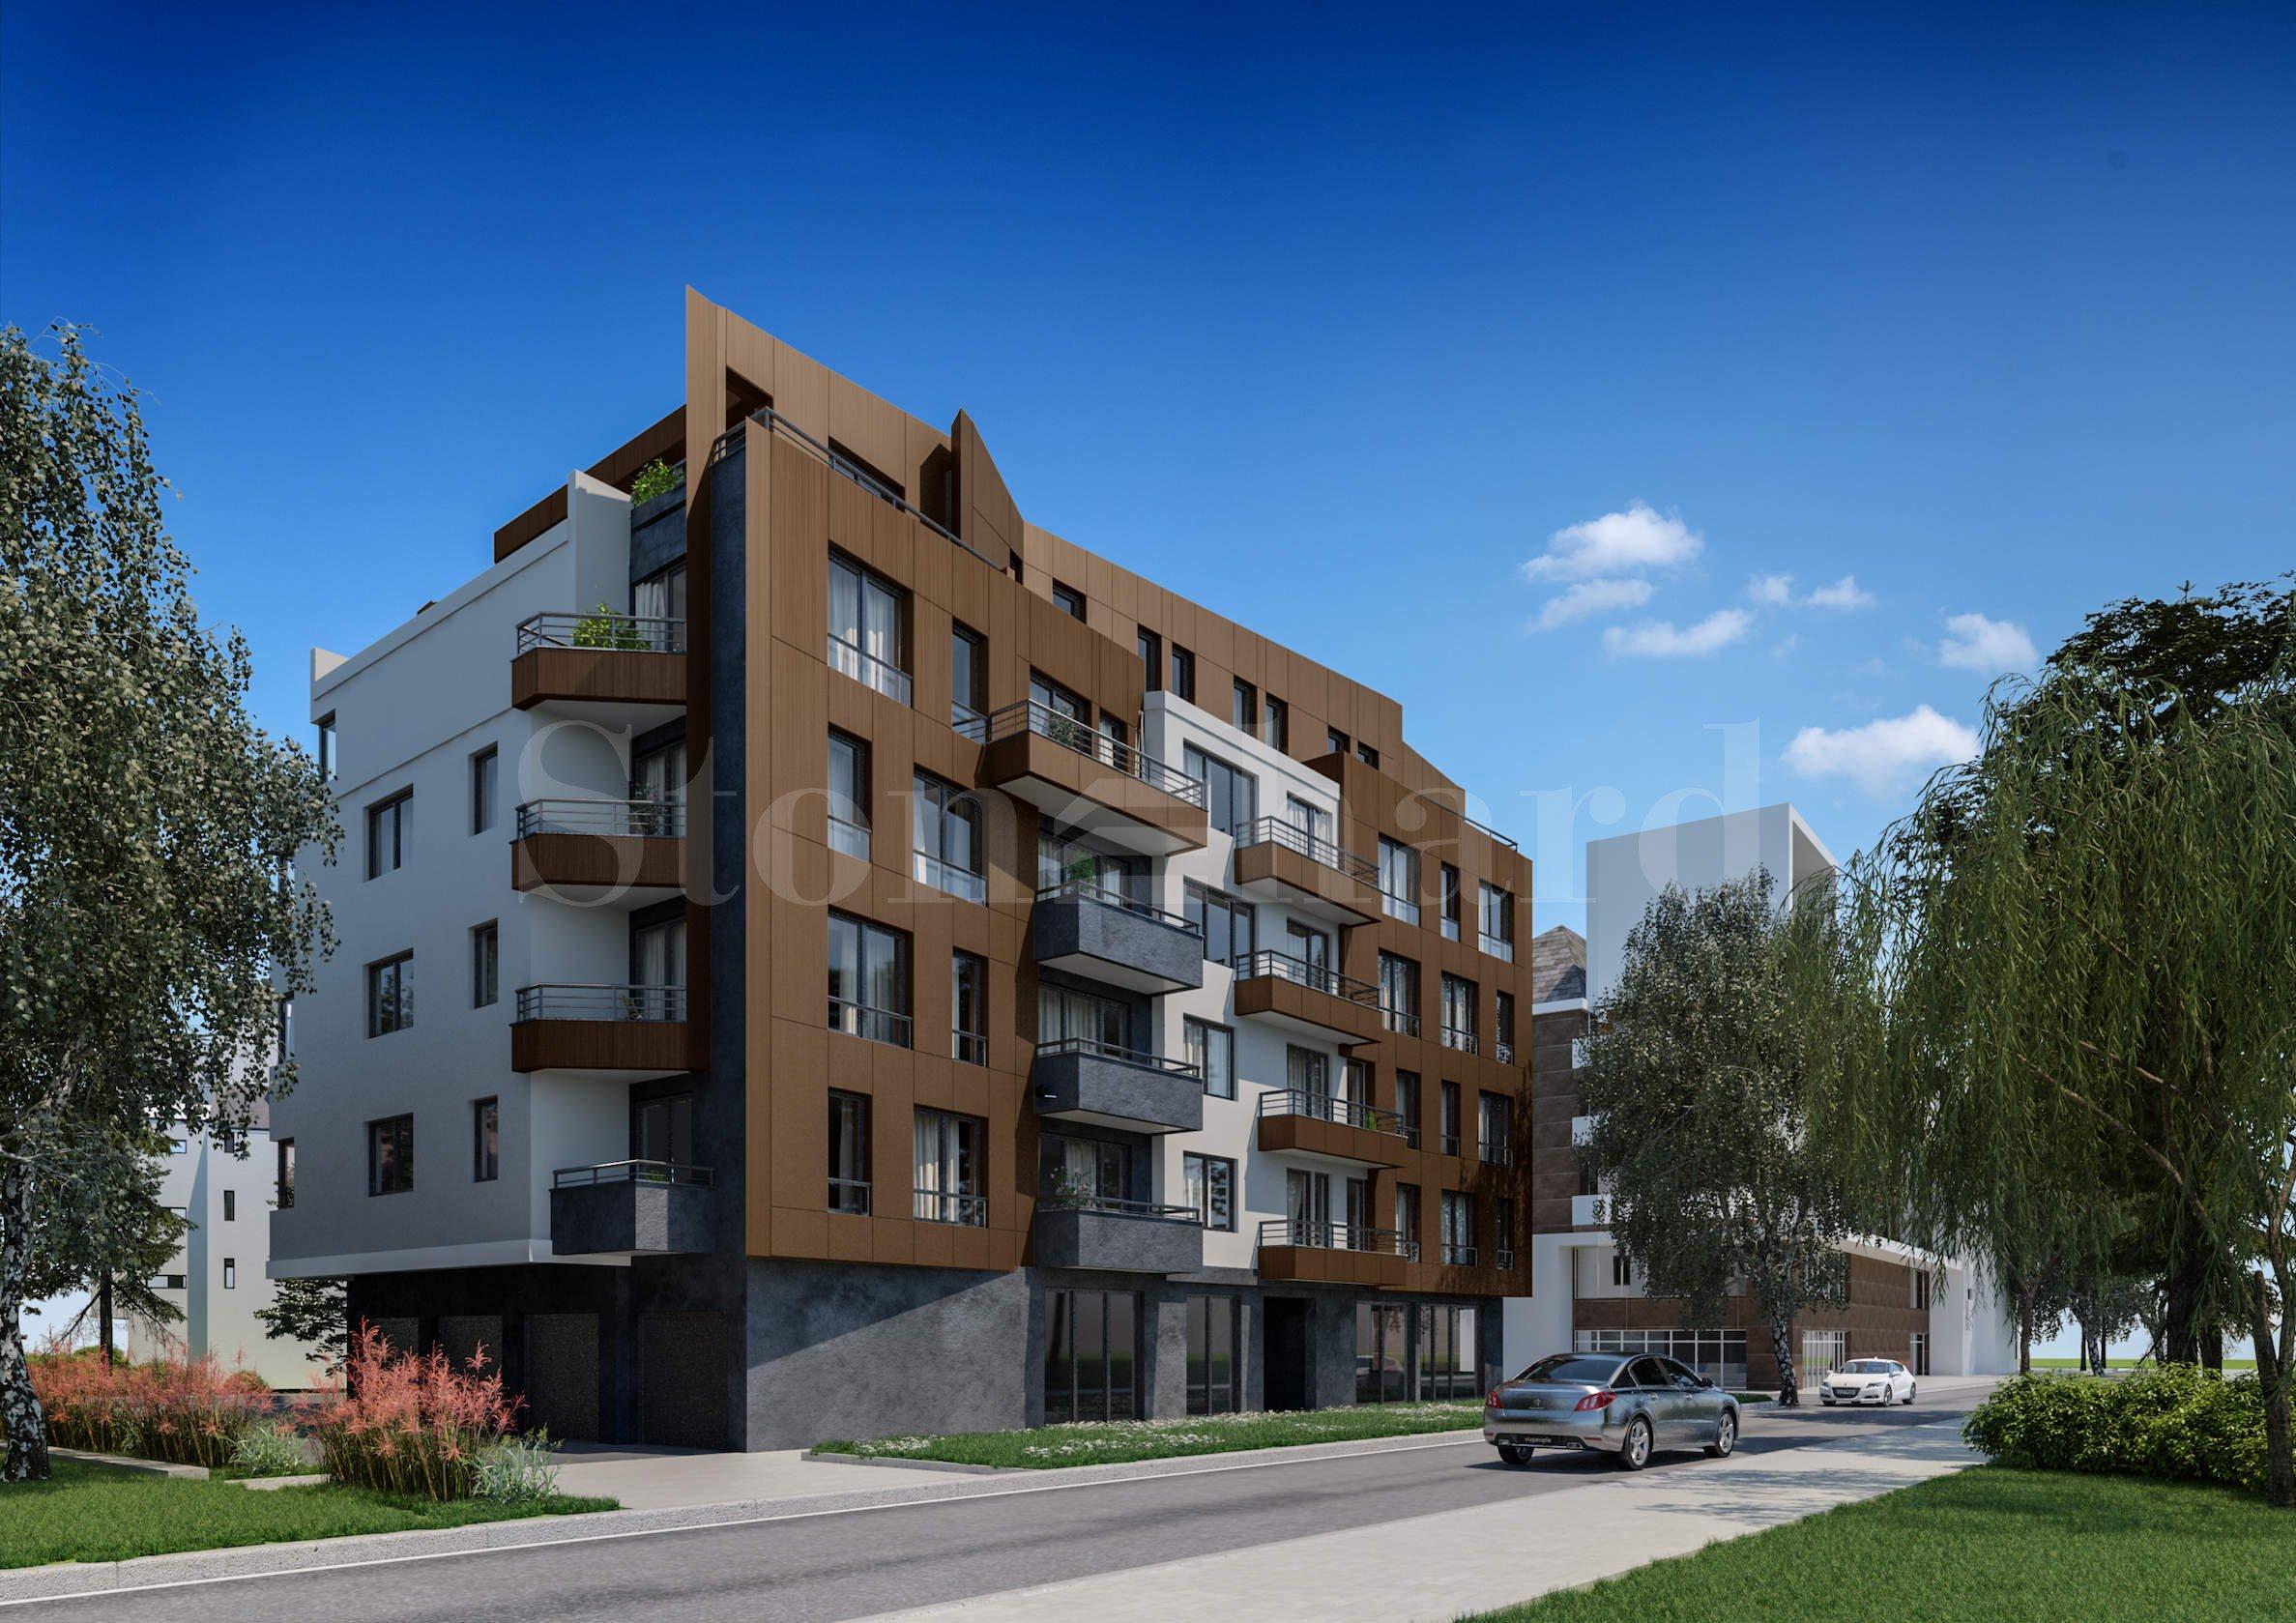 Новострояща се жилищна сграда до Софийска духовна семинария и спирка на градския транспорт1 - Stonehard